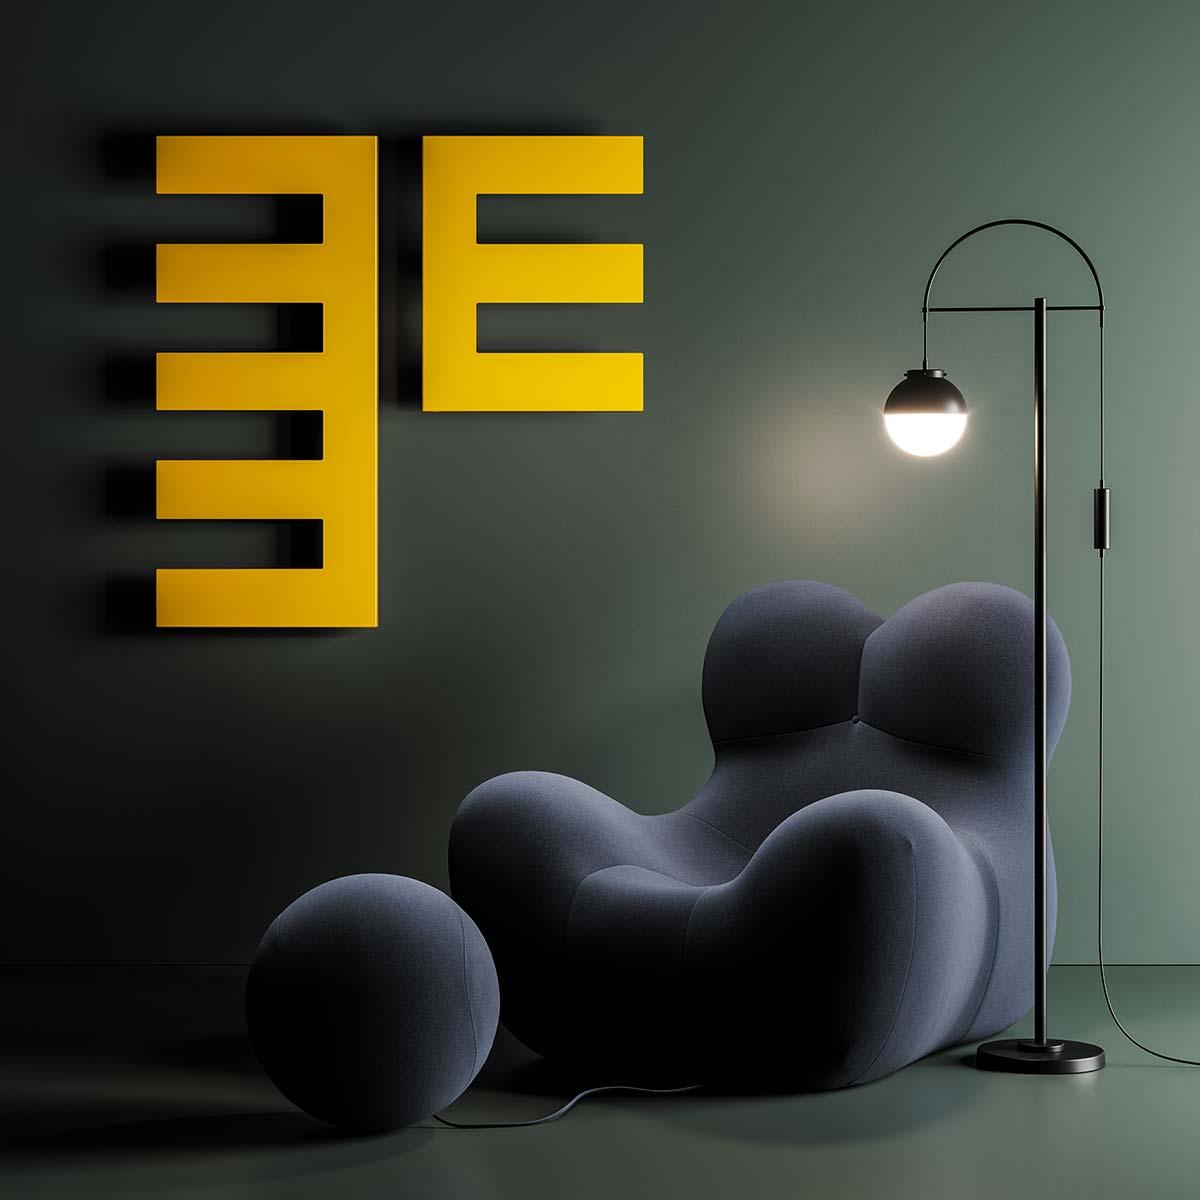 Pettine by Antrax IT - Design Andrea Crosetta